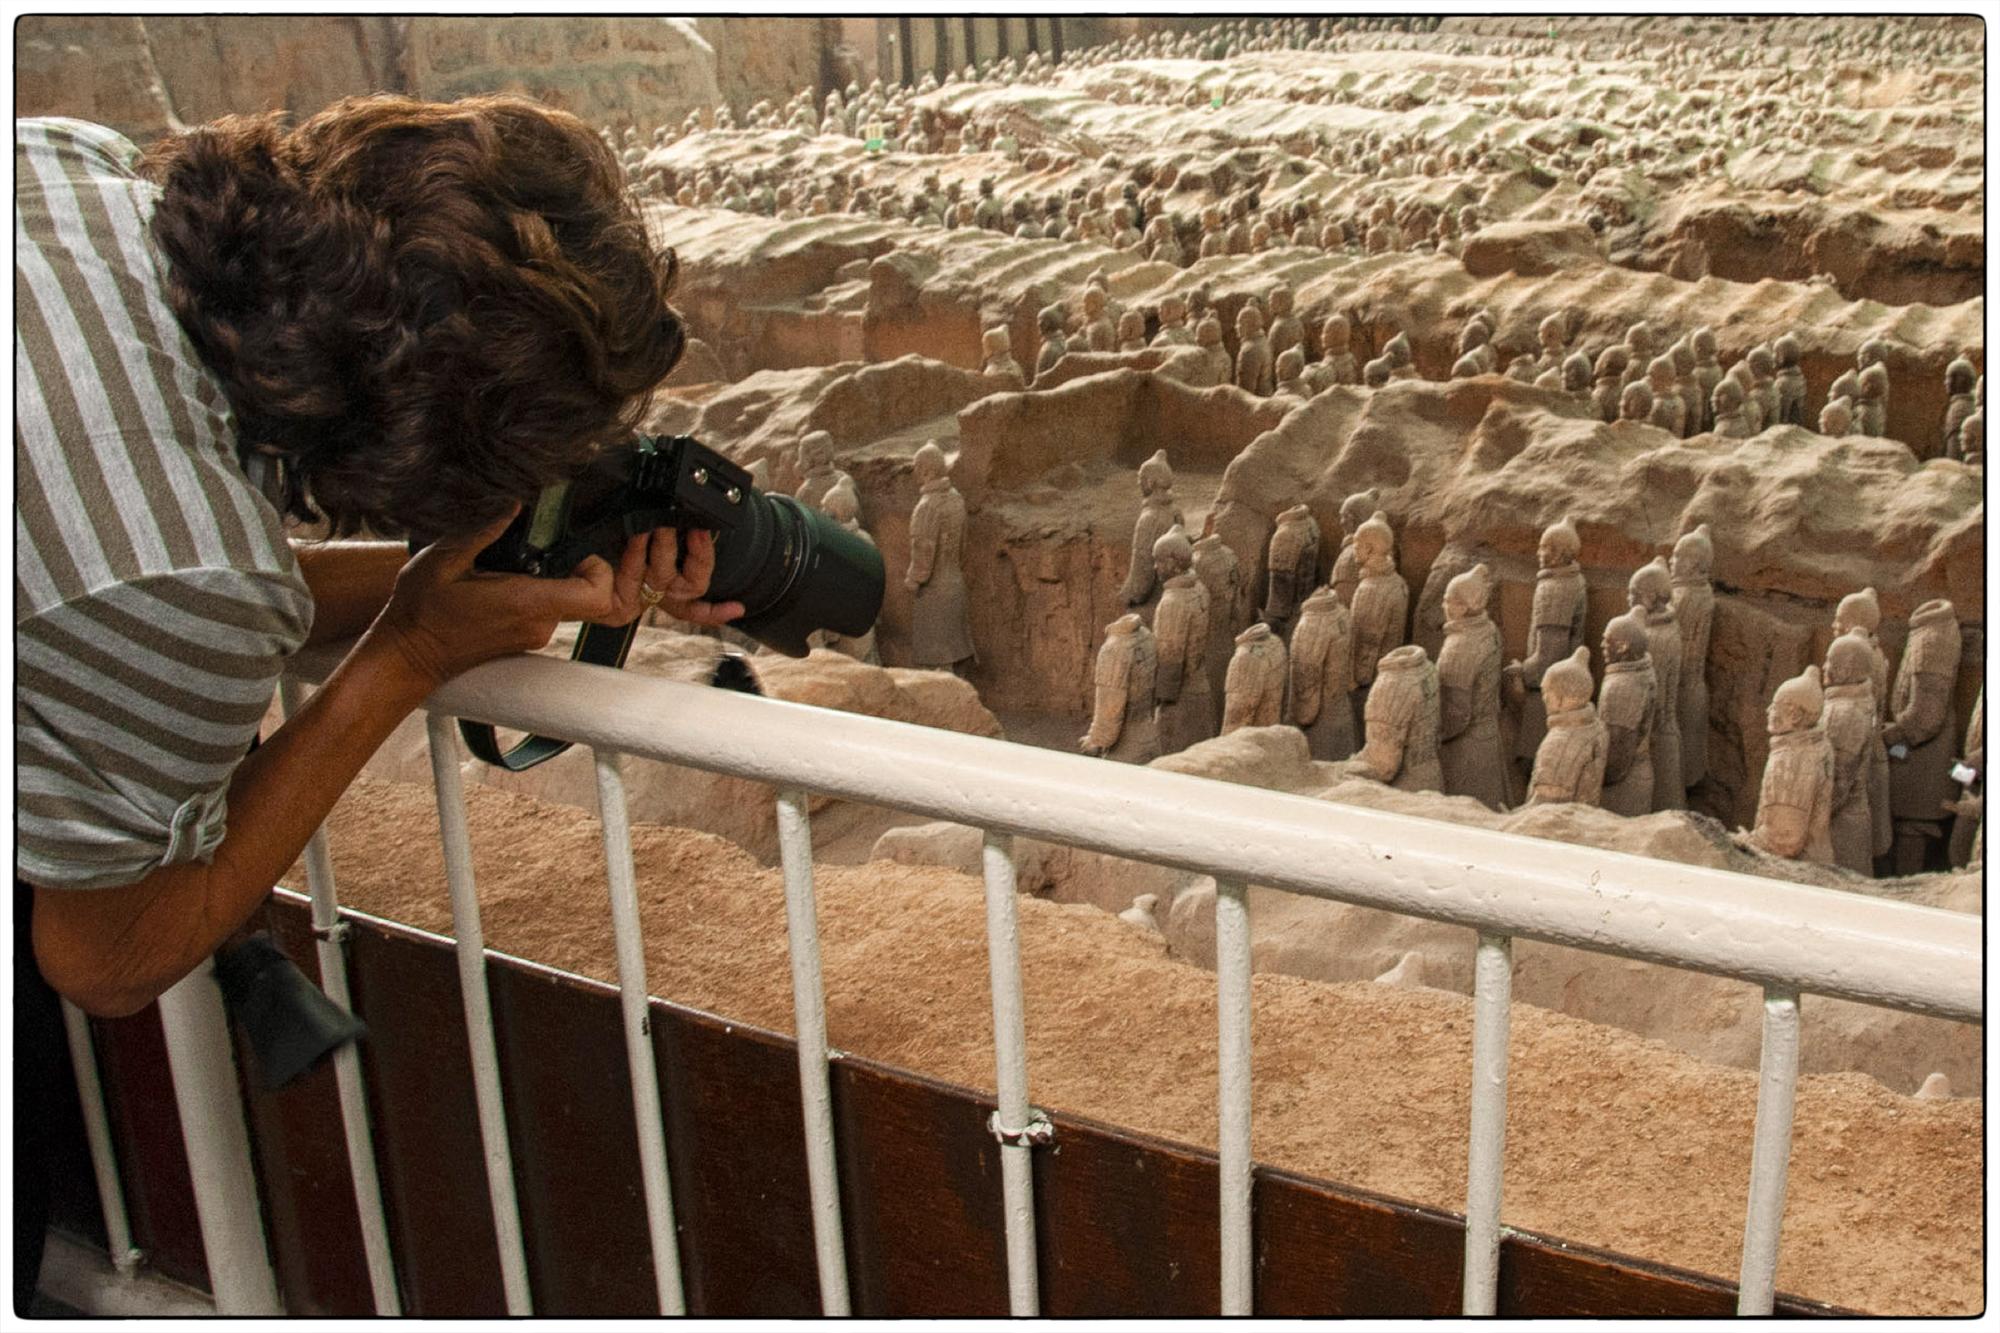 Terra cotta warriors, xian, china, photography